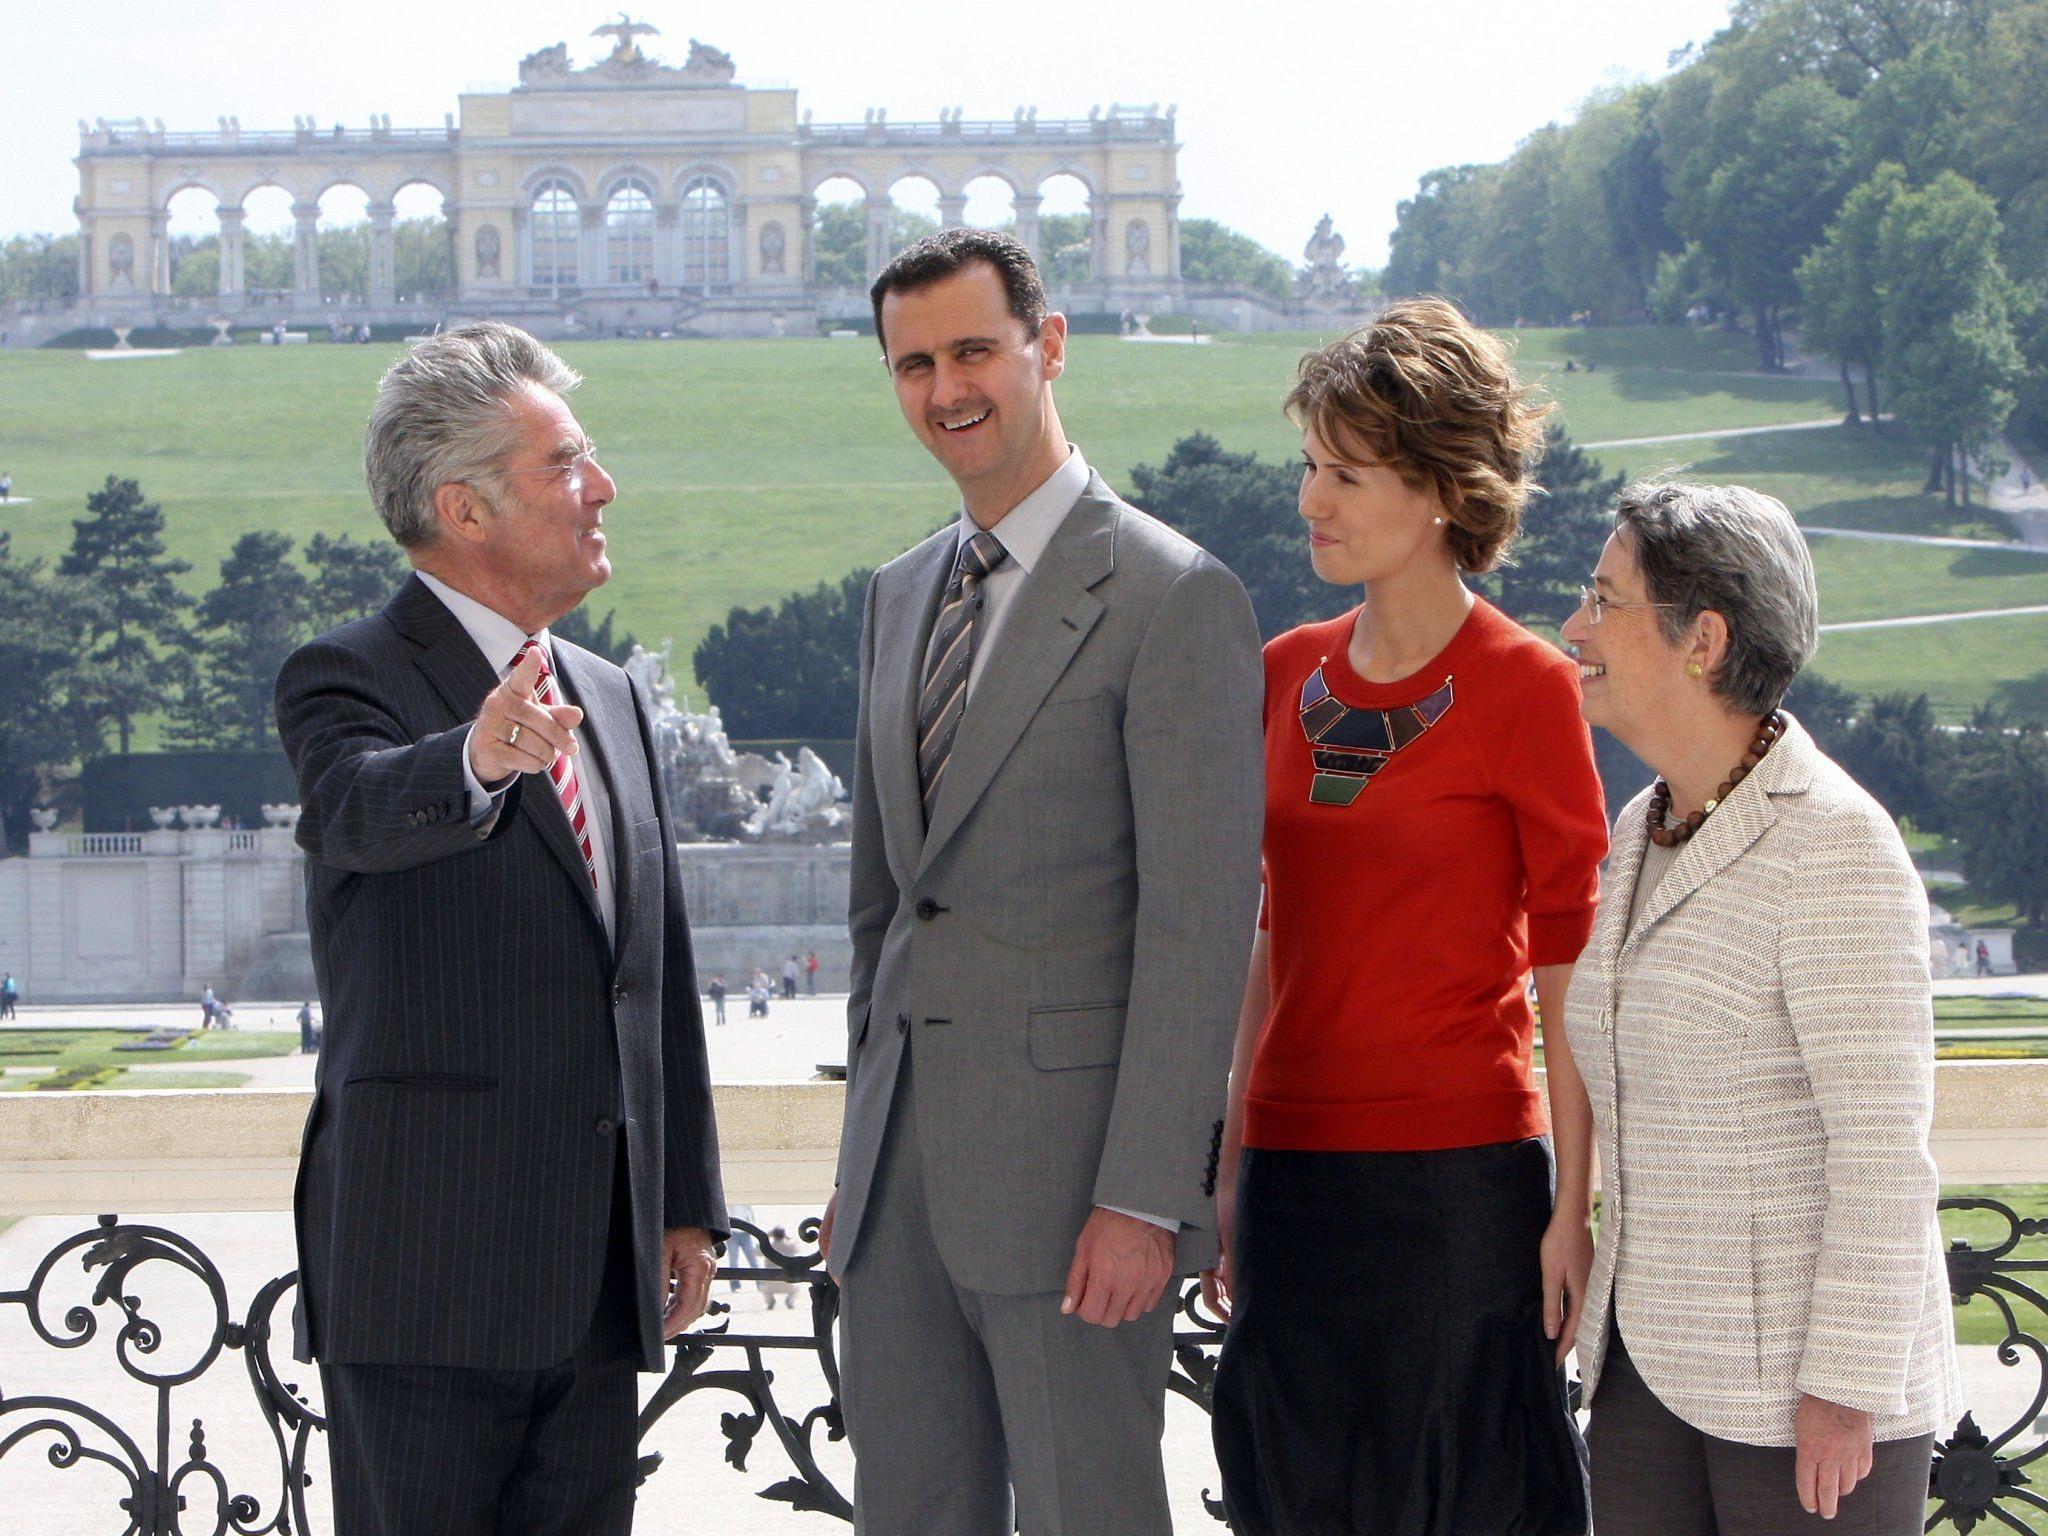 Angebelich lagern in Österreich Millionen von Assads schmutzigen Geldern.